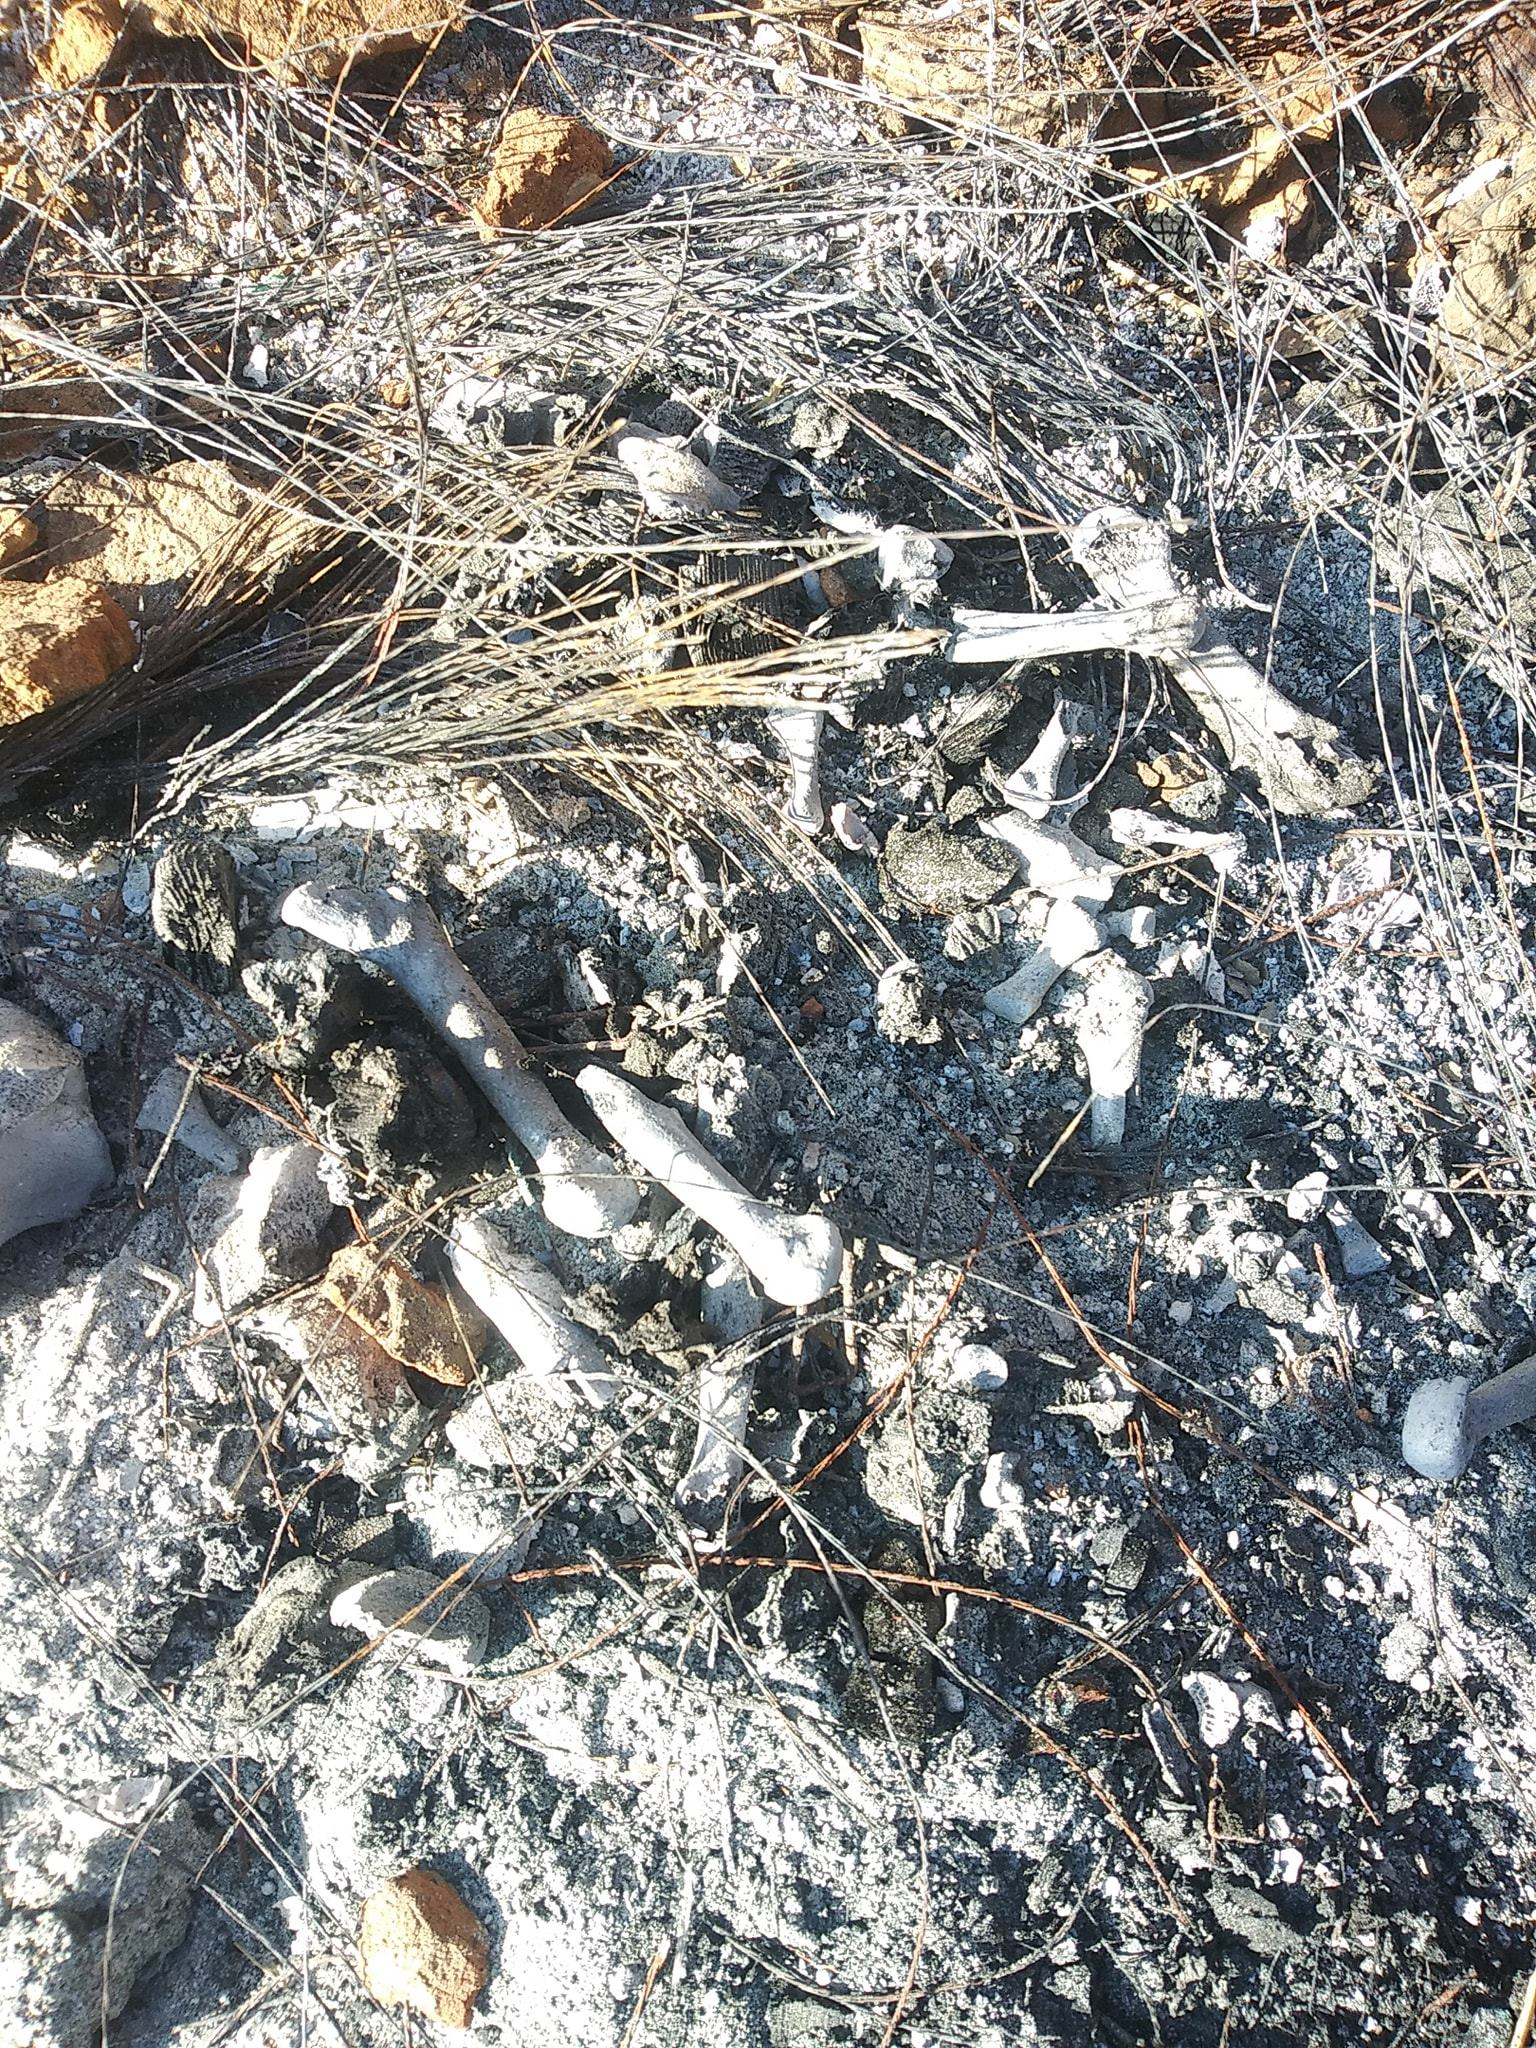 Grupos de búsqueda, Desaparecidos en Baja California, cuerpos calcinados, personas desaparecidas, búsqueda estatal, Movimiento Estatal de búsqueda de Baja California,